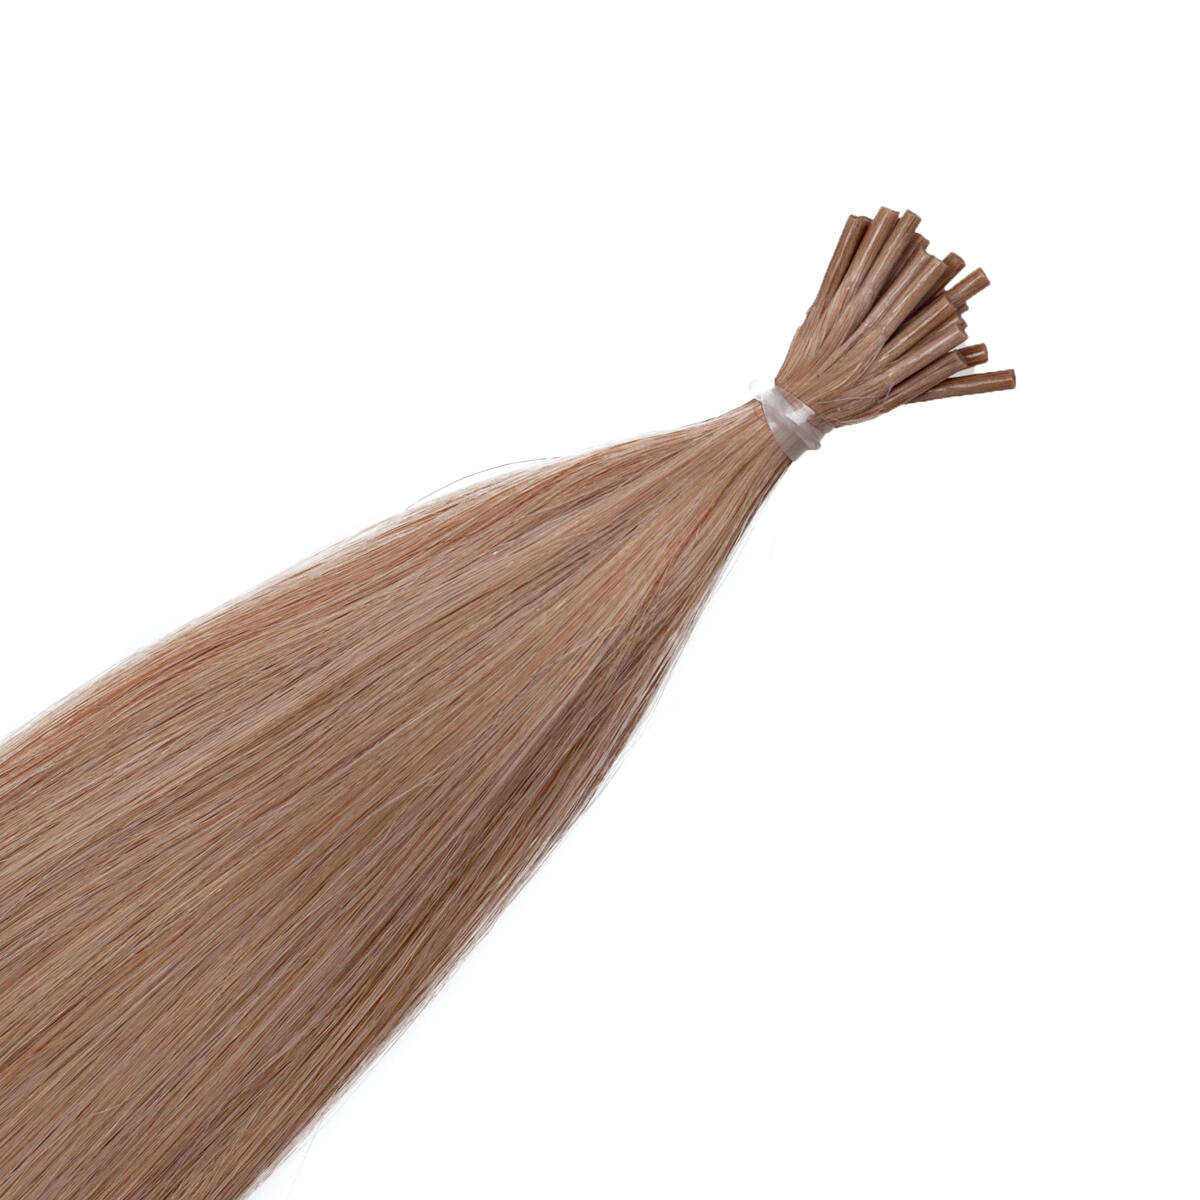 Stick Hair 7.5 Dark Blonde 50 cm